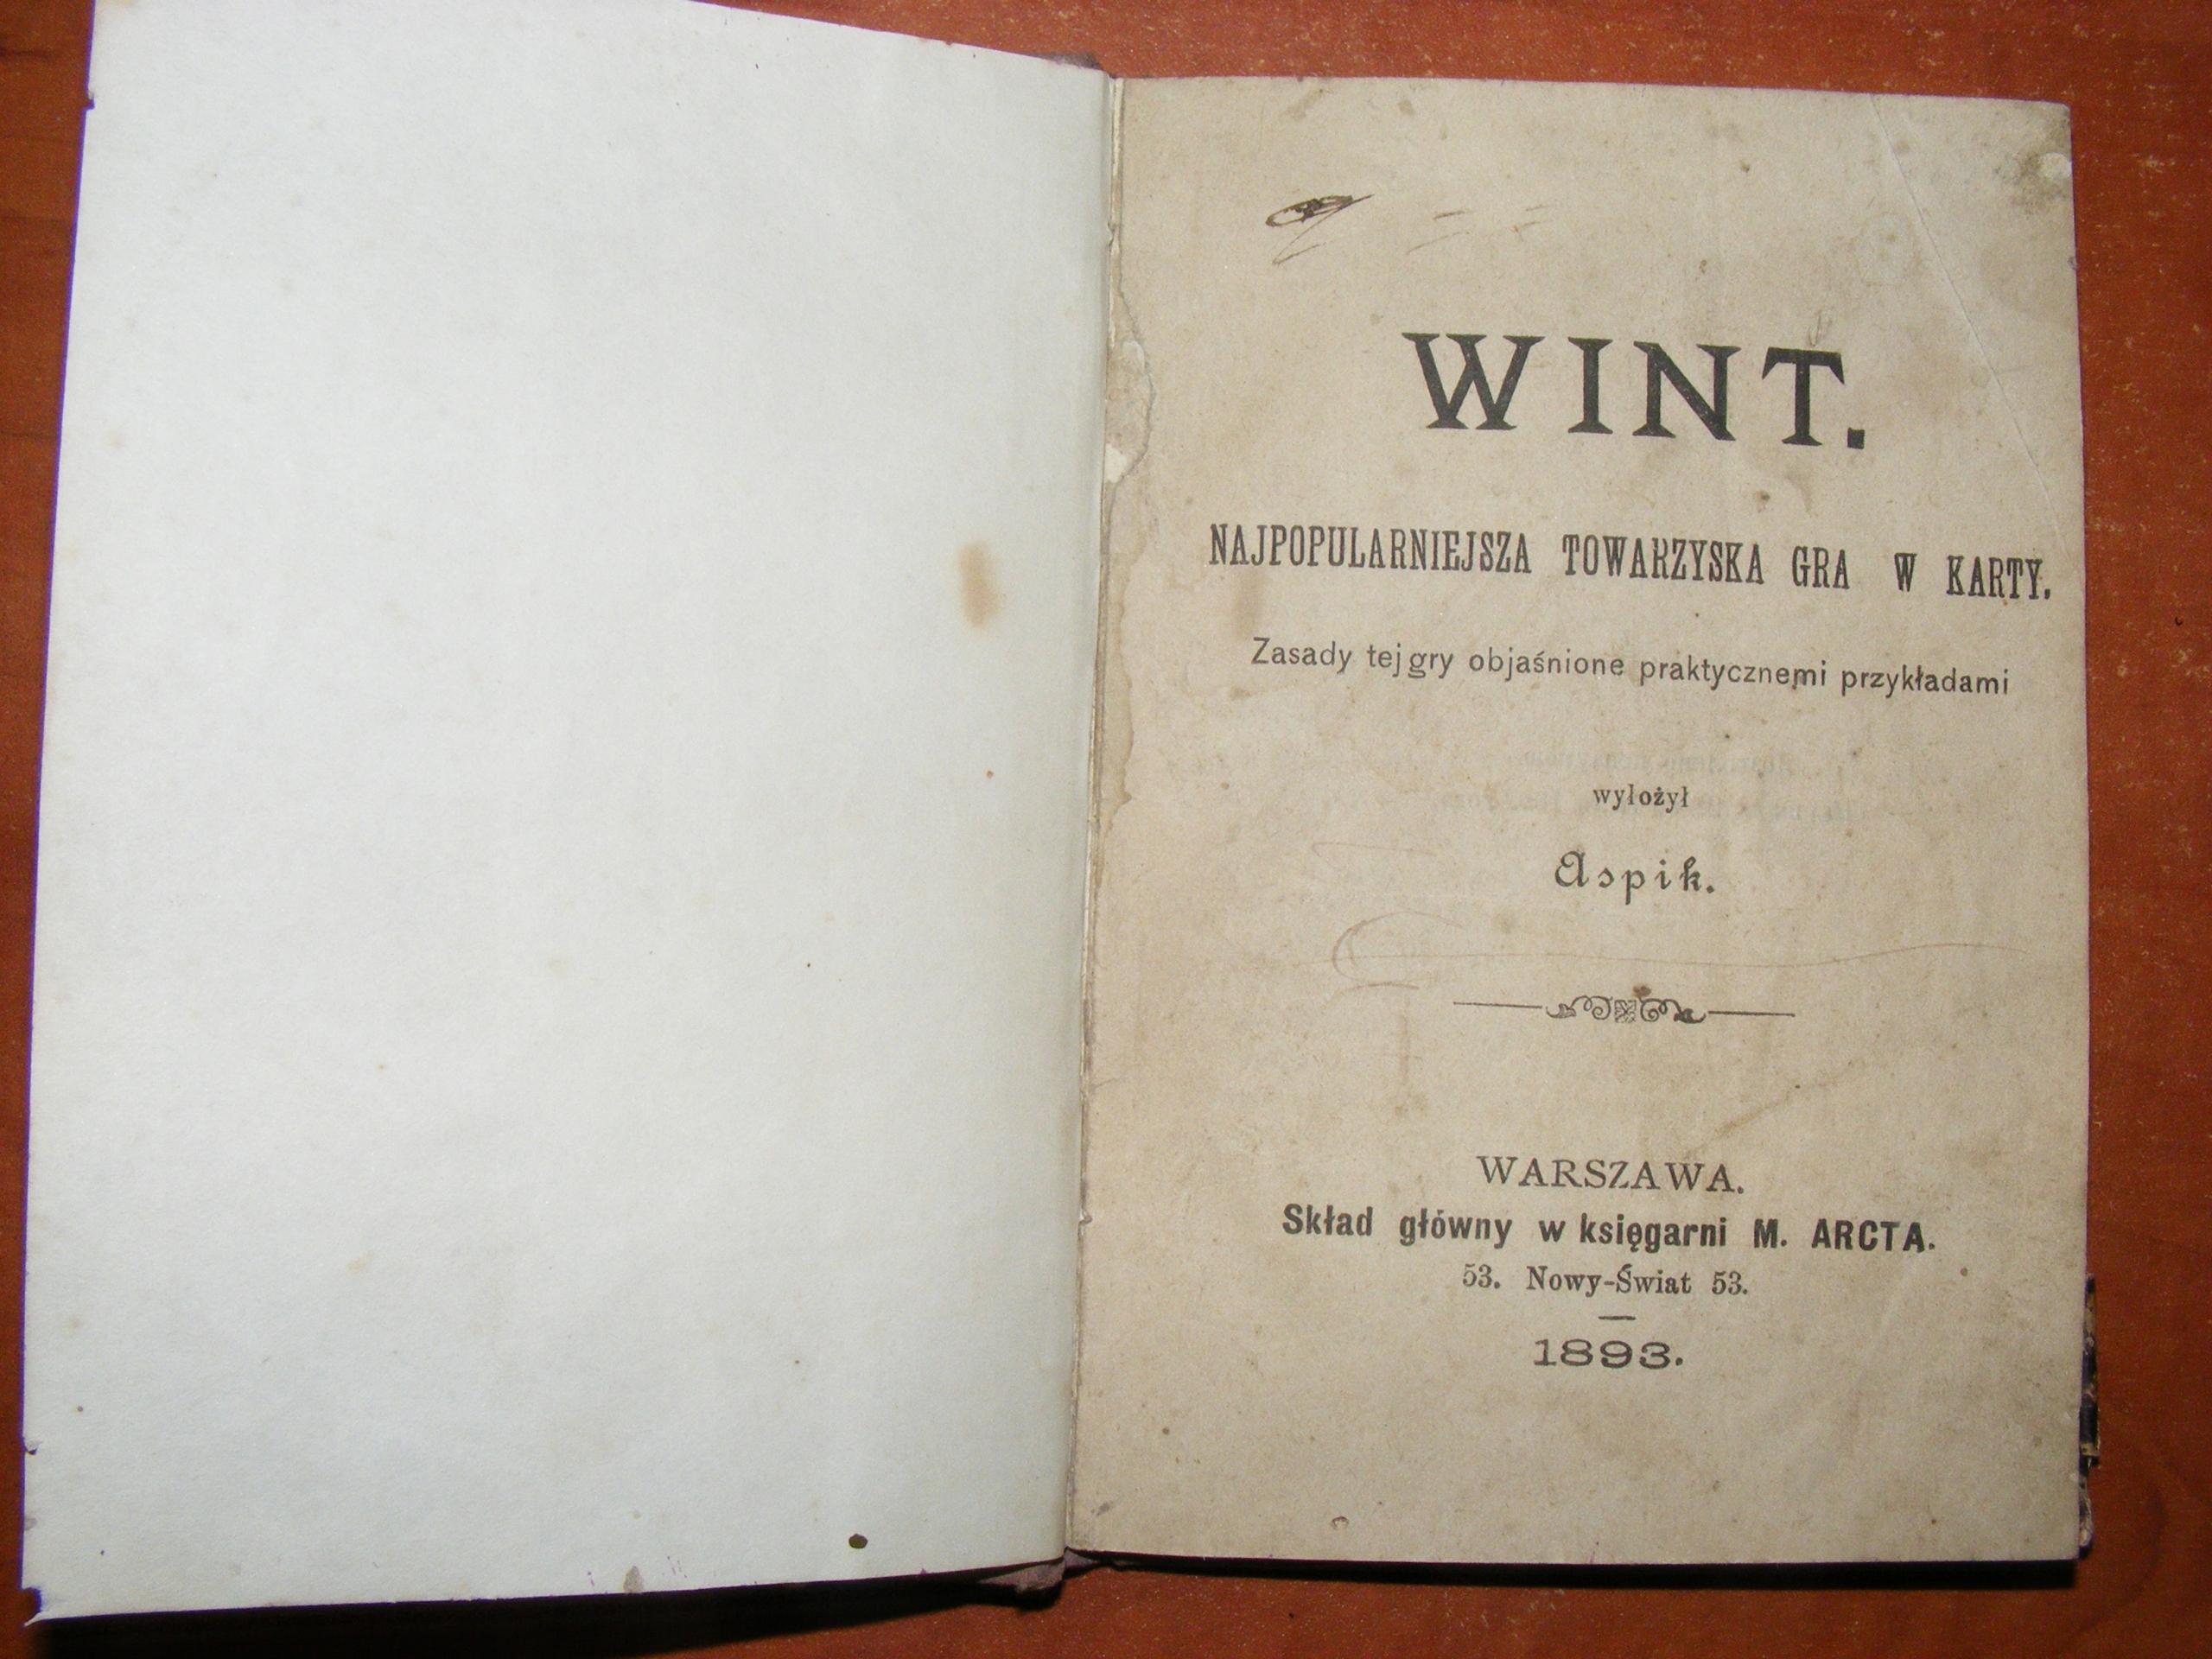 ASPIK - WINT NAJPOPUL.TOWARZYSKA GRA W KARTY 1893